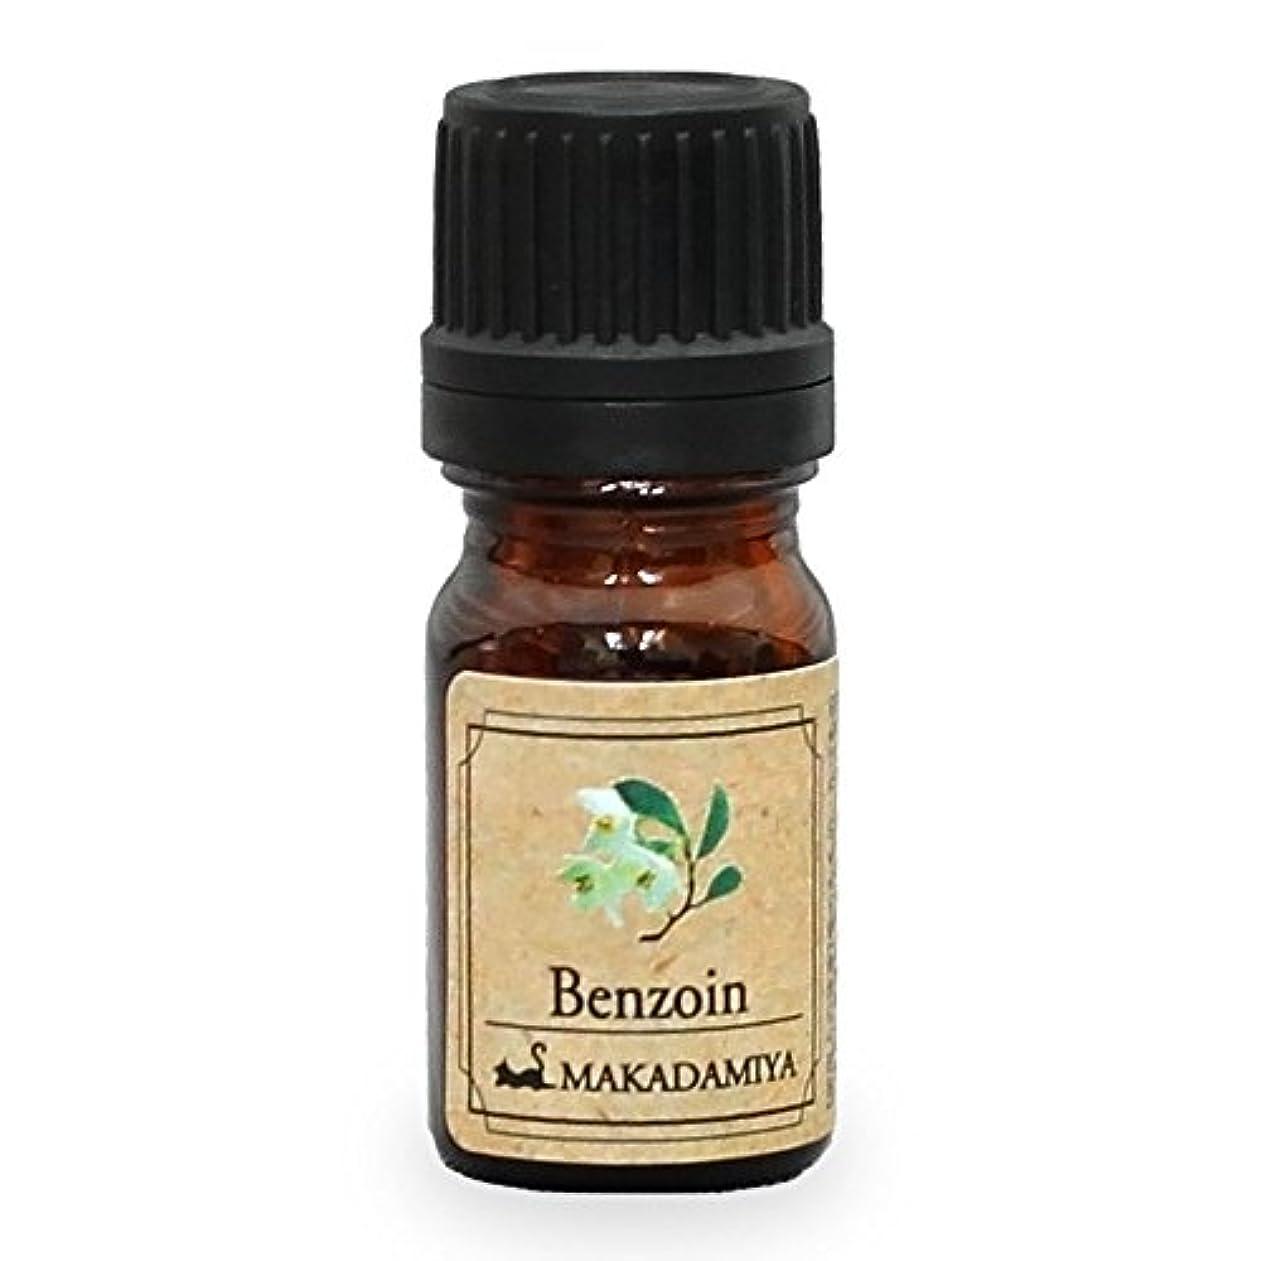 説明腹困難ベンゾイン5ml天然100%植物性エッセンシャルオイル(精油)アロマオイルアロママッサージアロマテラピーaroma Benzoin